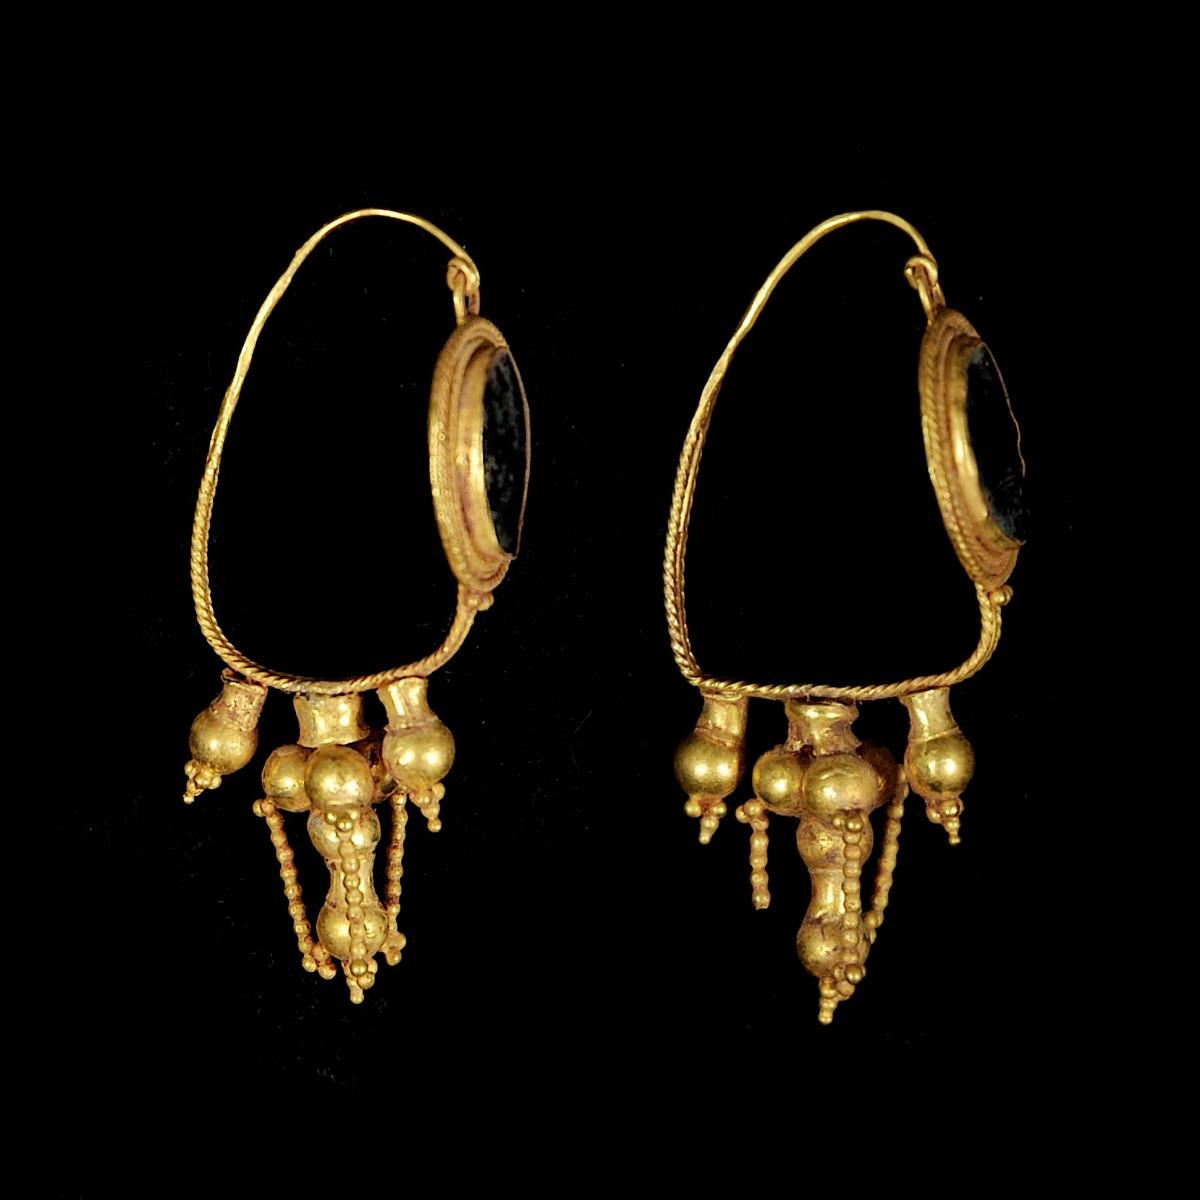 Eastern Roman gold earrings side